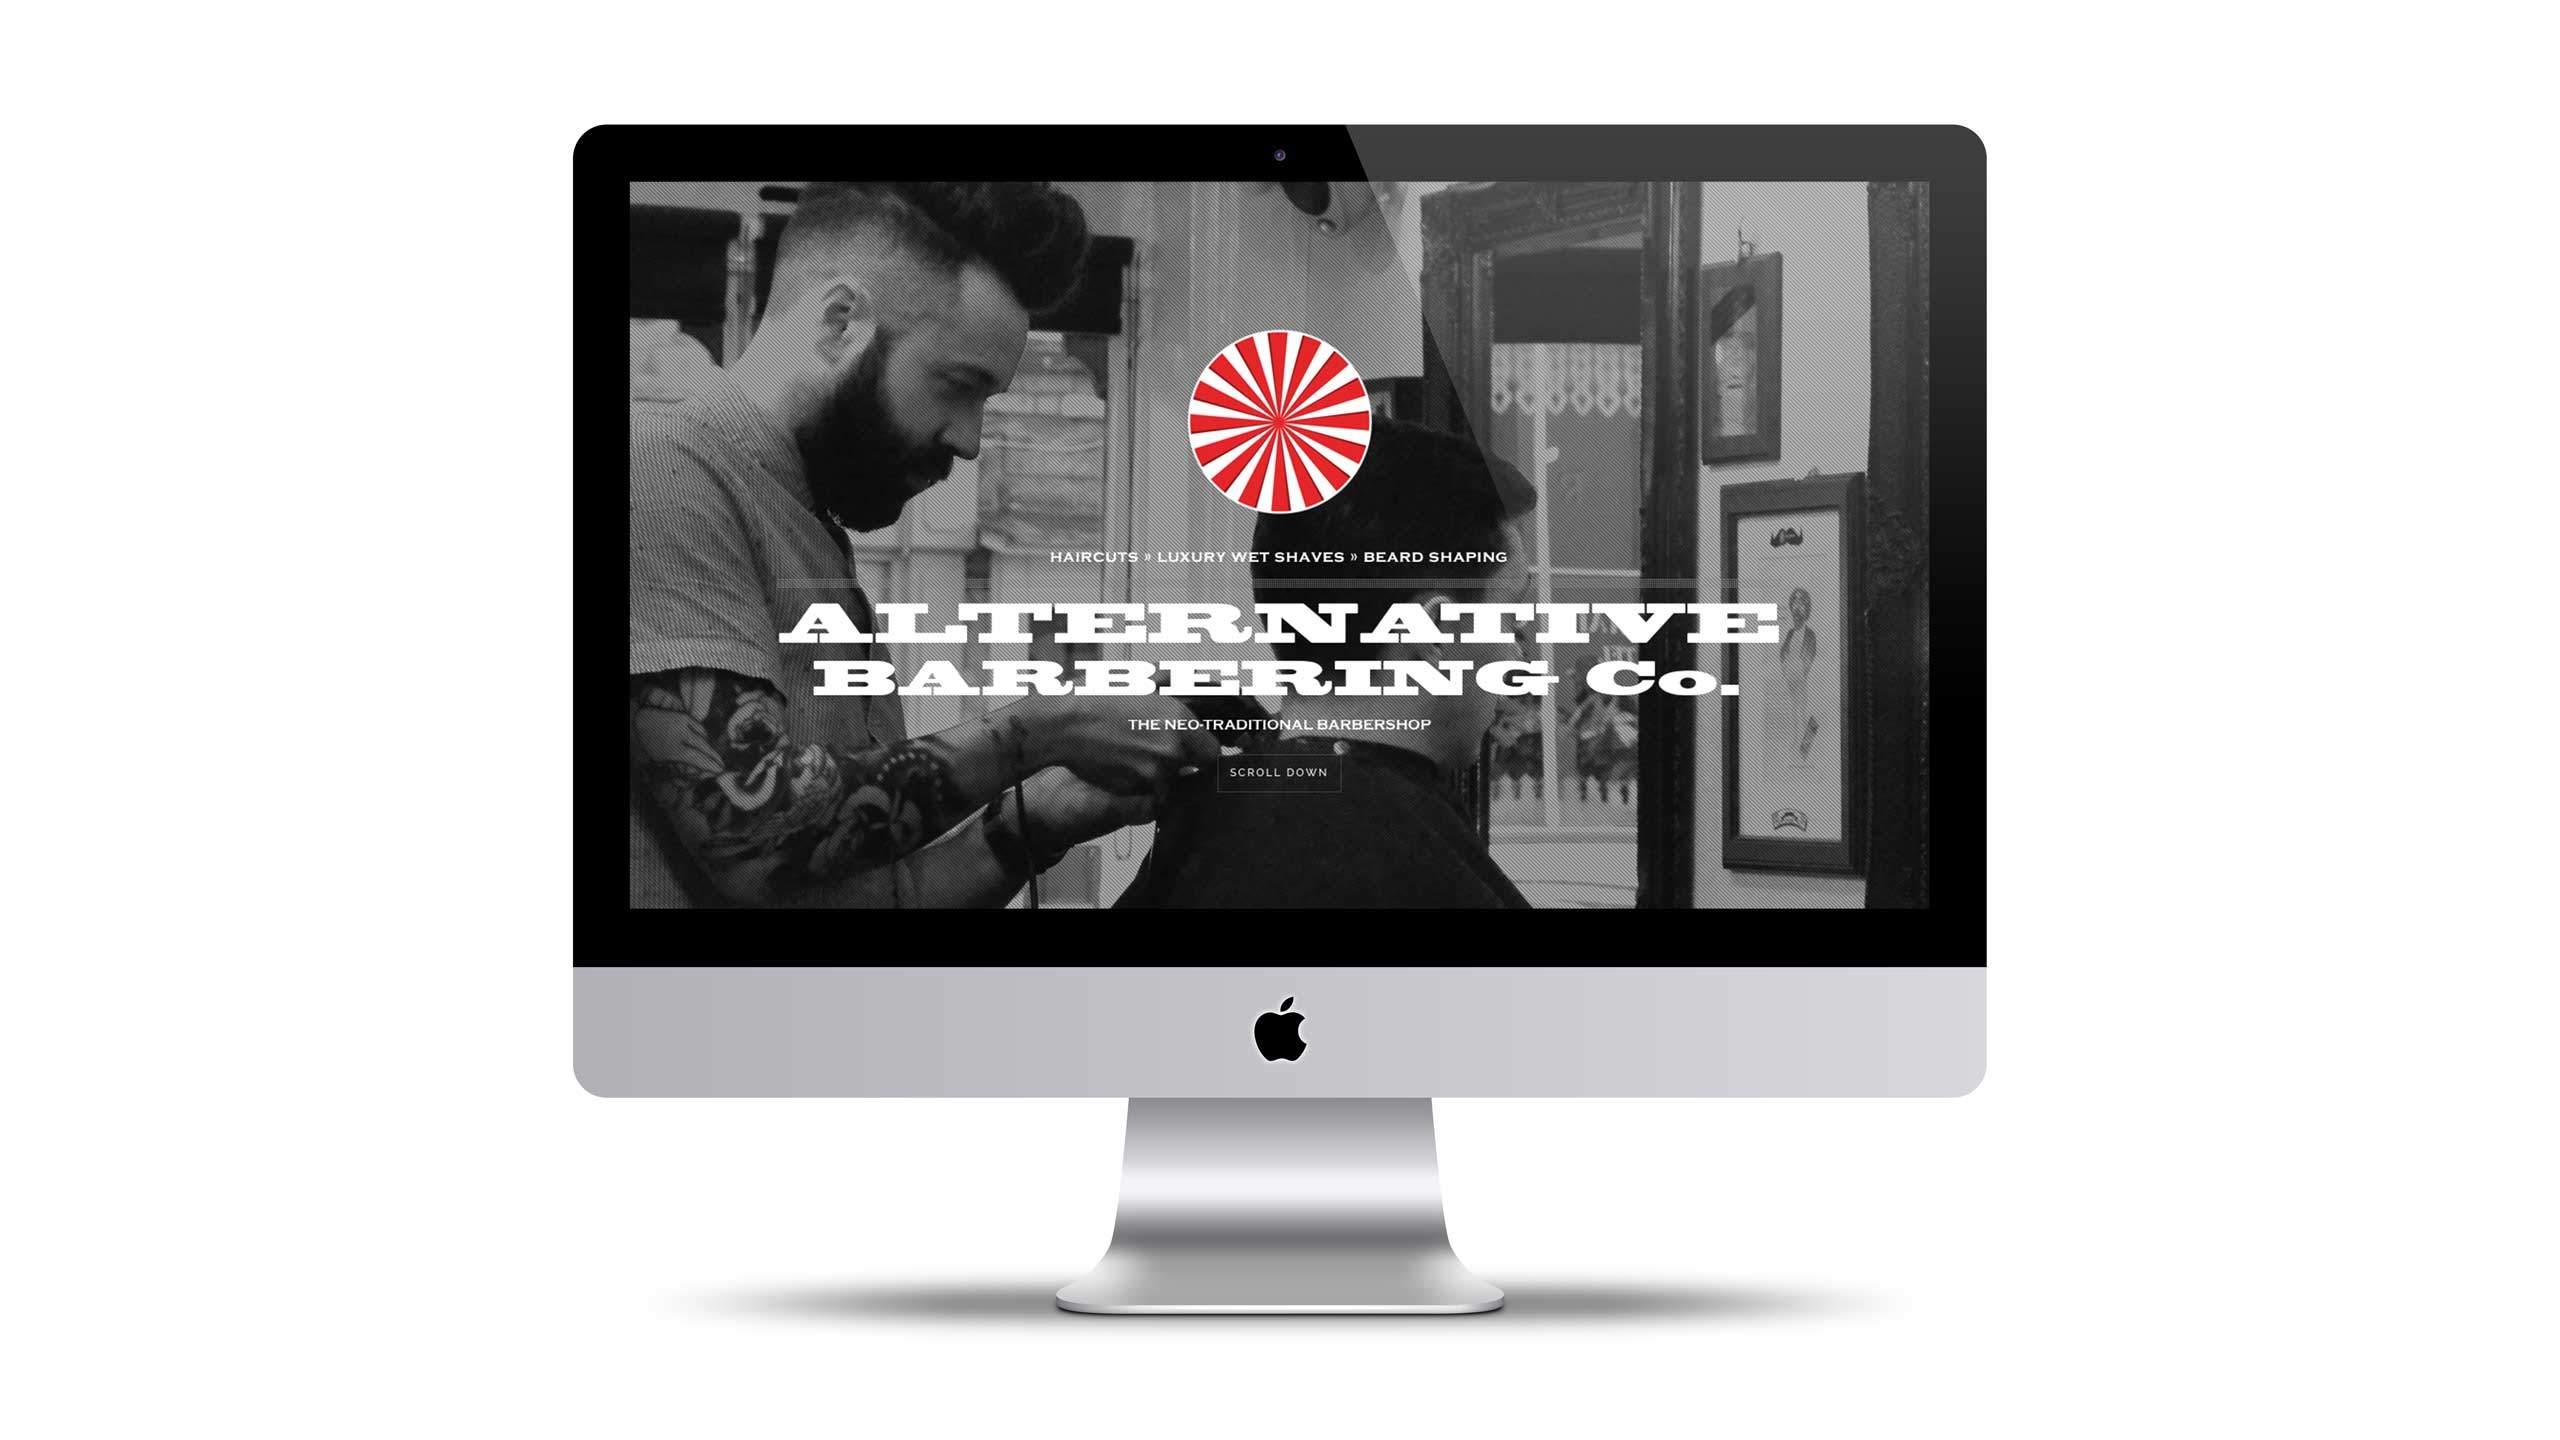 Barbershop website design on iMac home page